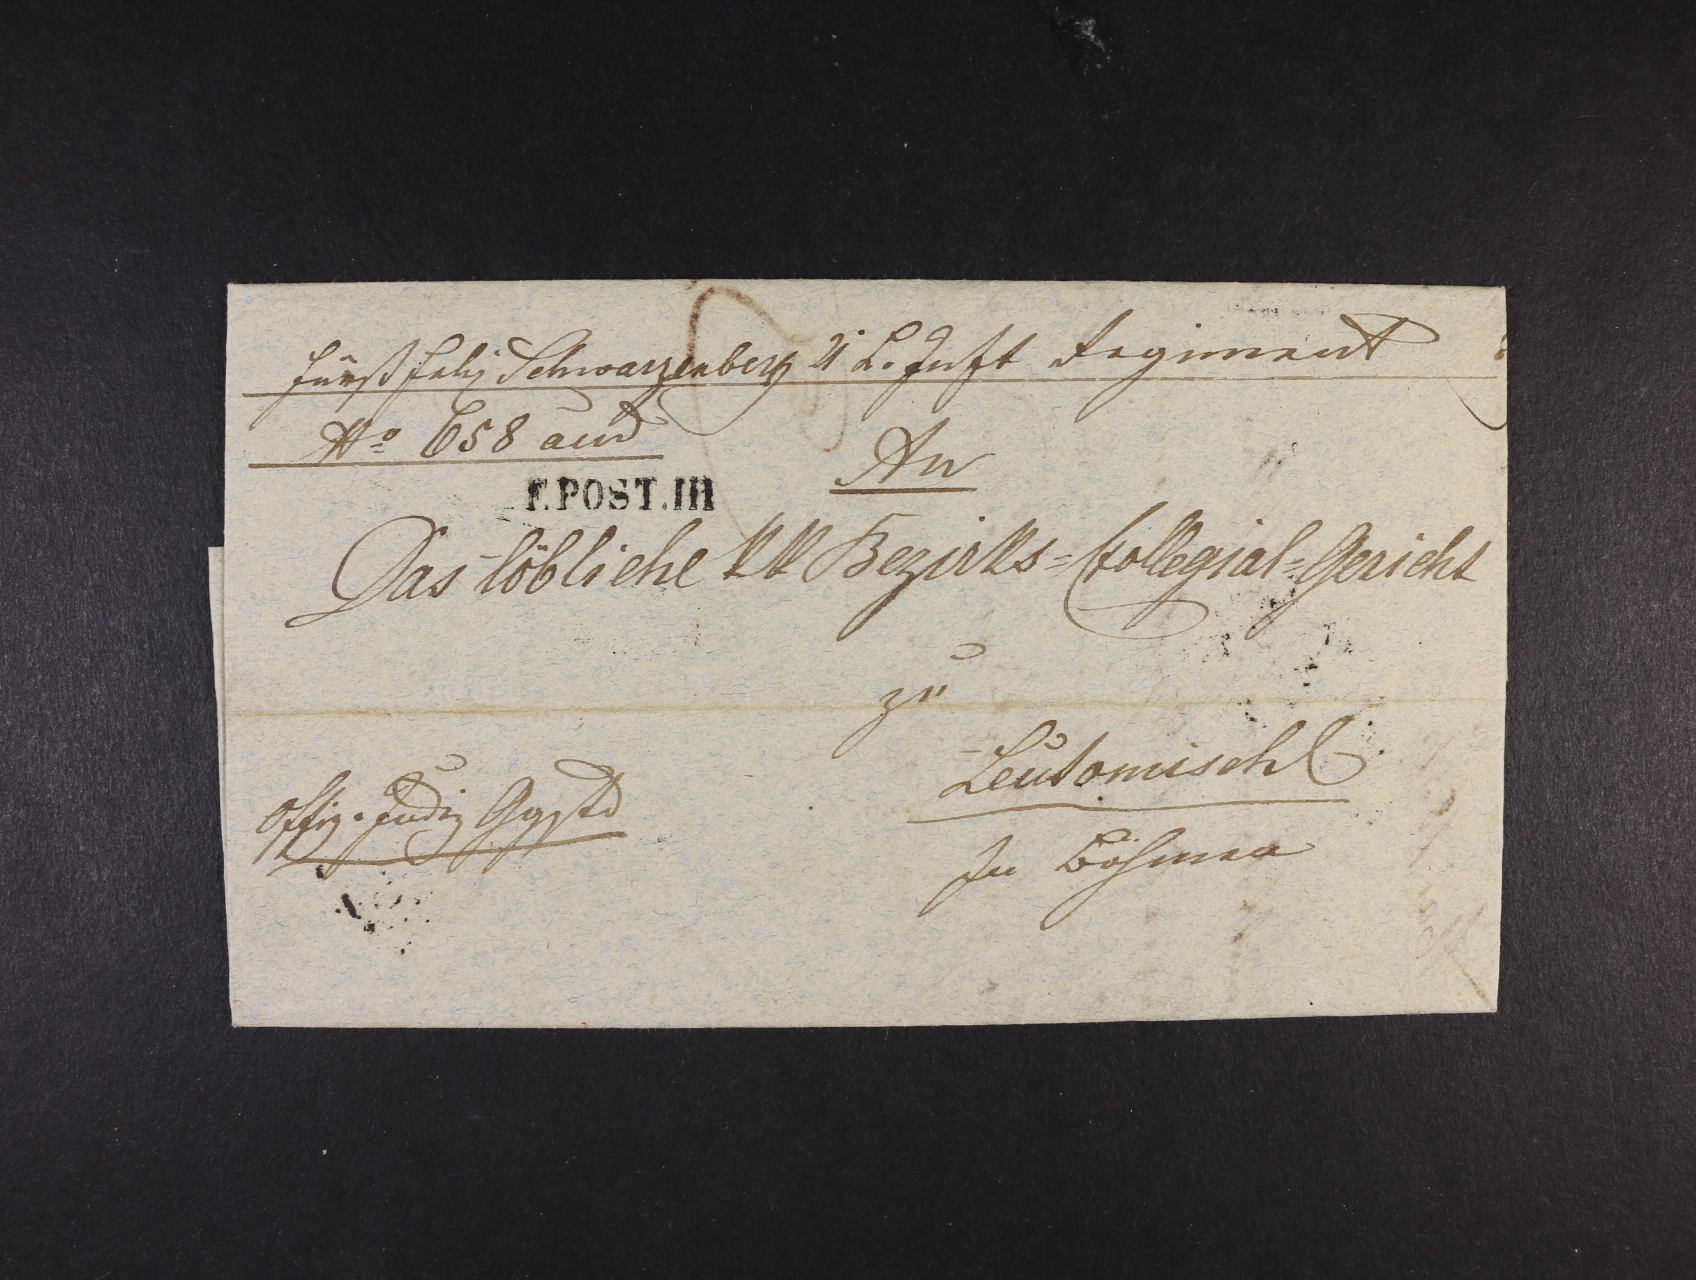 skl. dopis do Litomyšle z Ancony 4.5.1851 s řádkovým raz. F. POST. III, průch. a přích. raz, velmi dobrá kvalita, vzácné